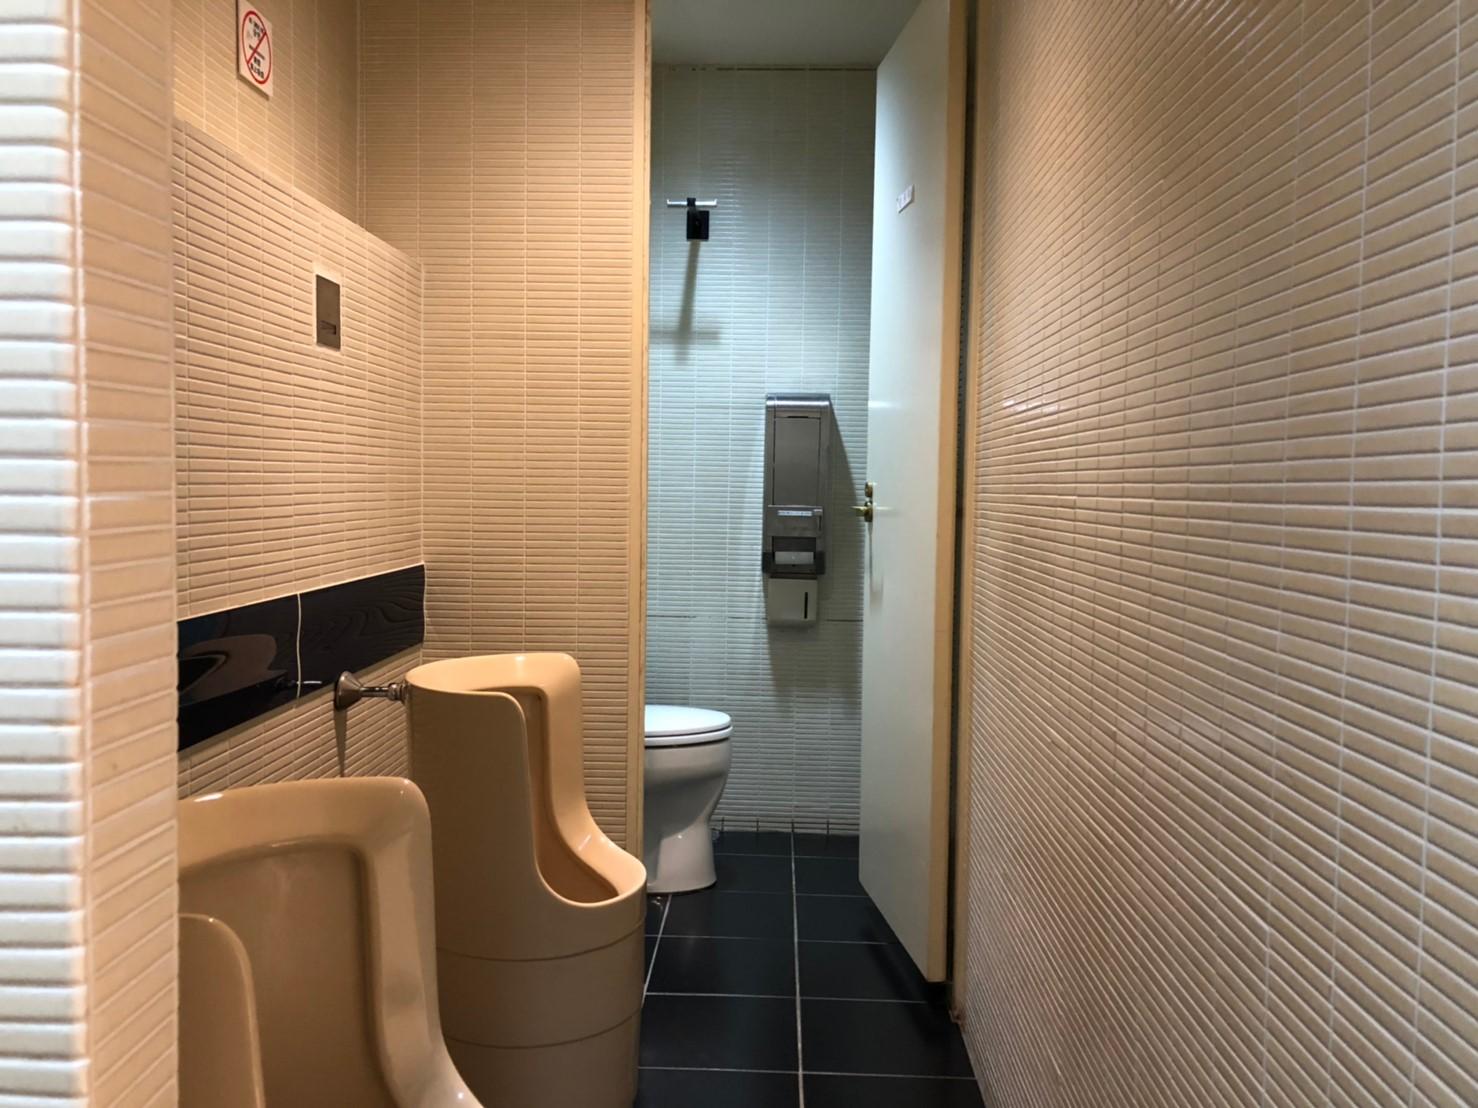 みんなの会議室 赤坂 | 男子トイレ|TIME SHARING|タイムシェアリング |スペースマネジメント|あどばる|adval